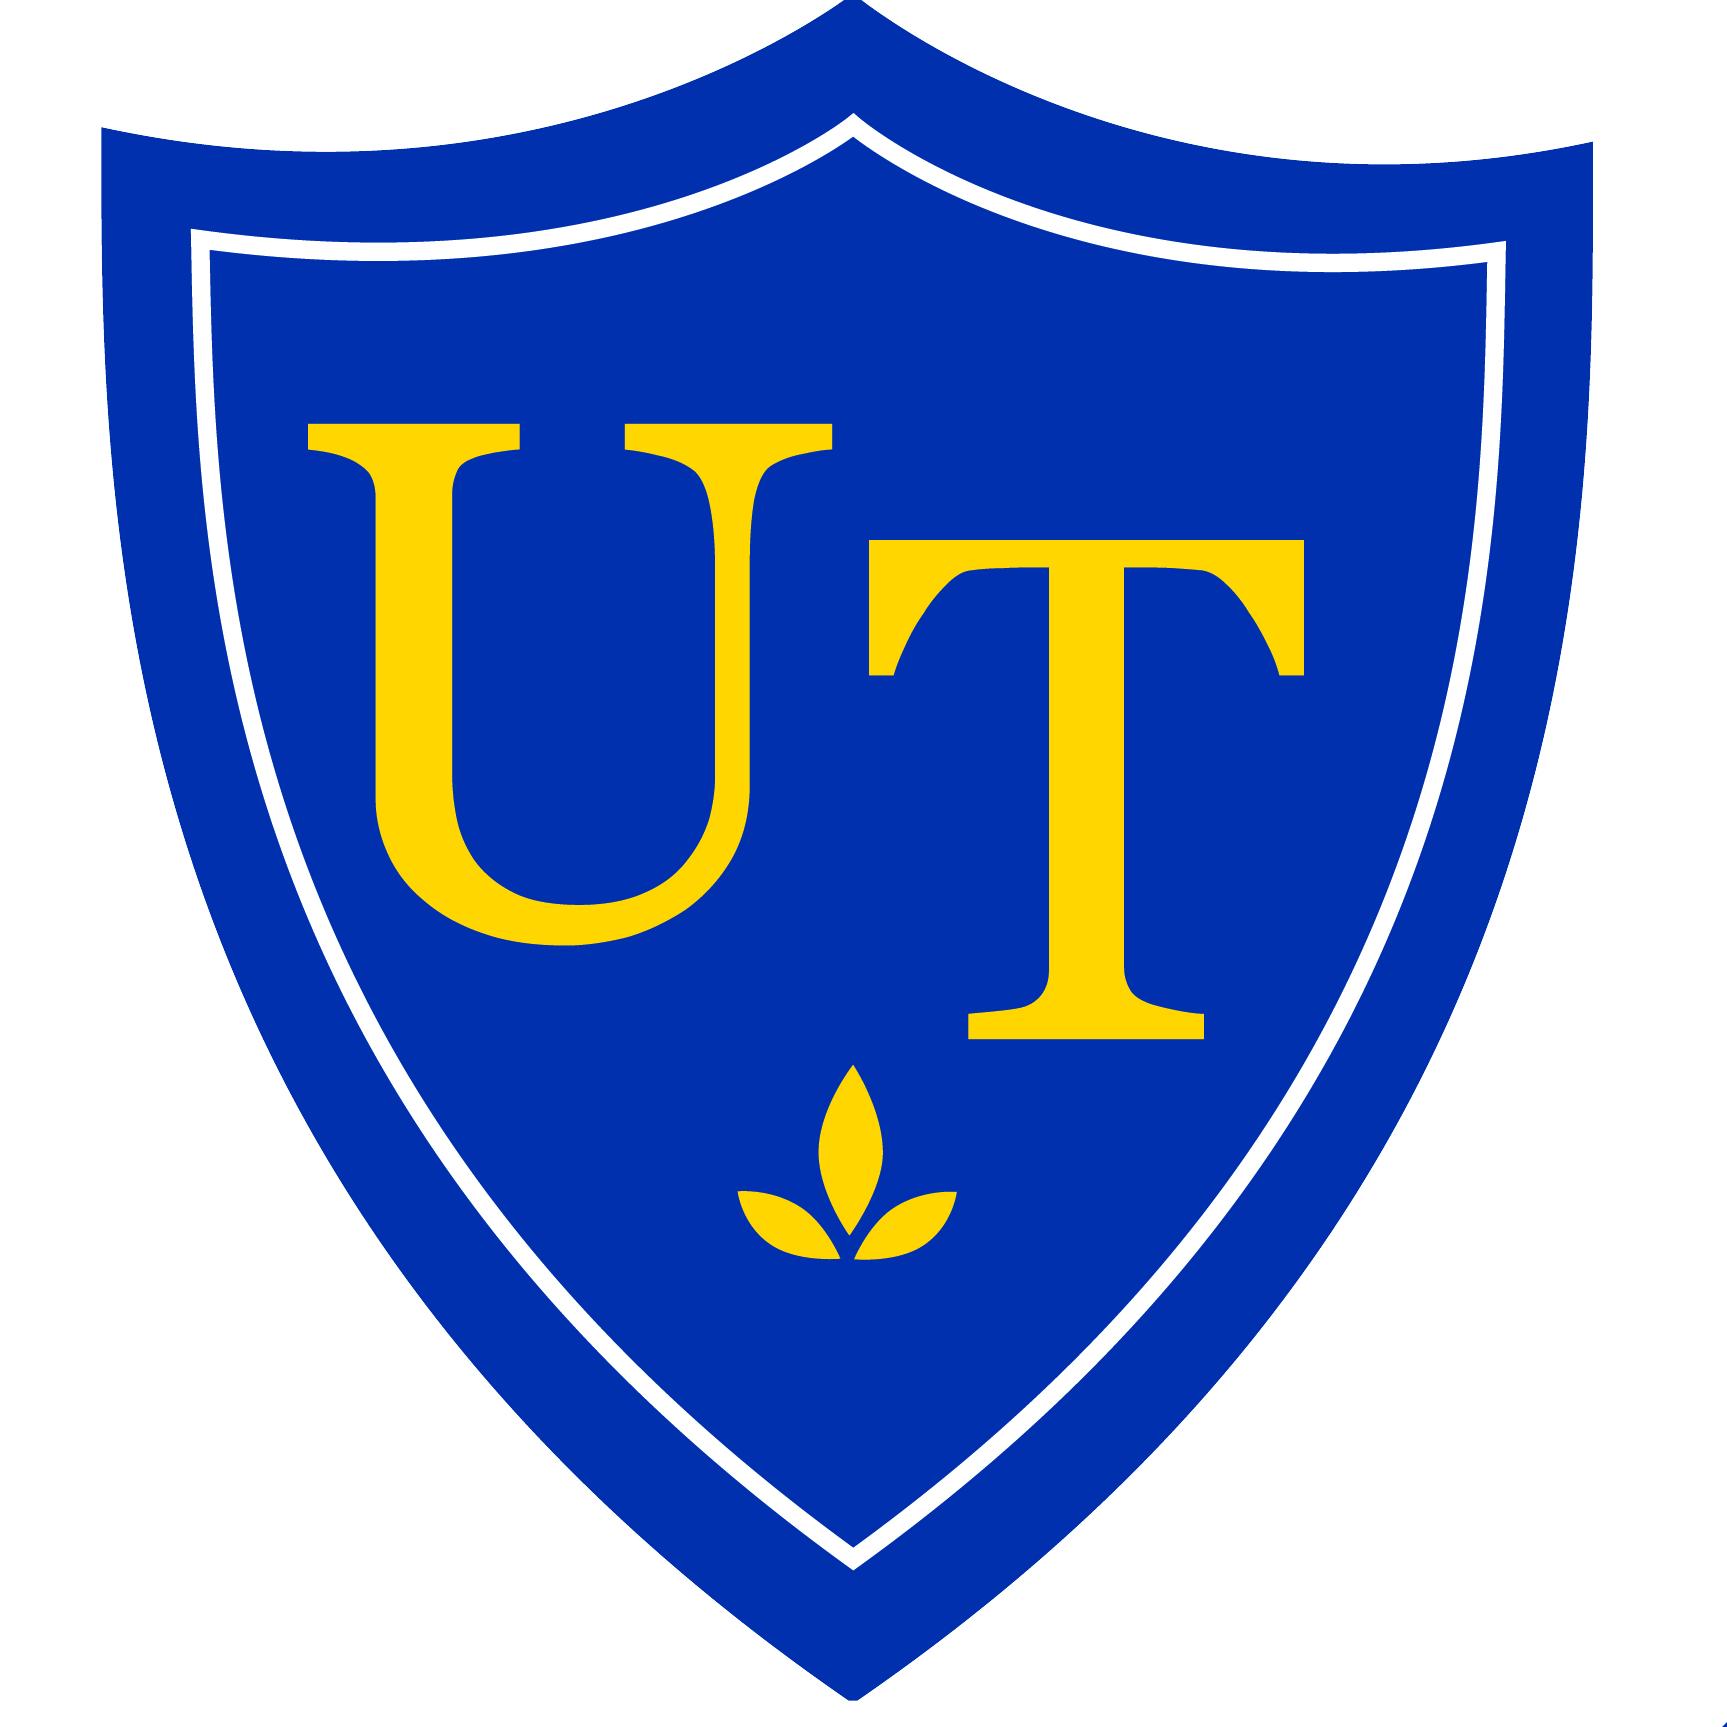 UT Radio